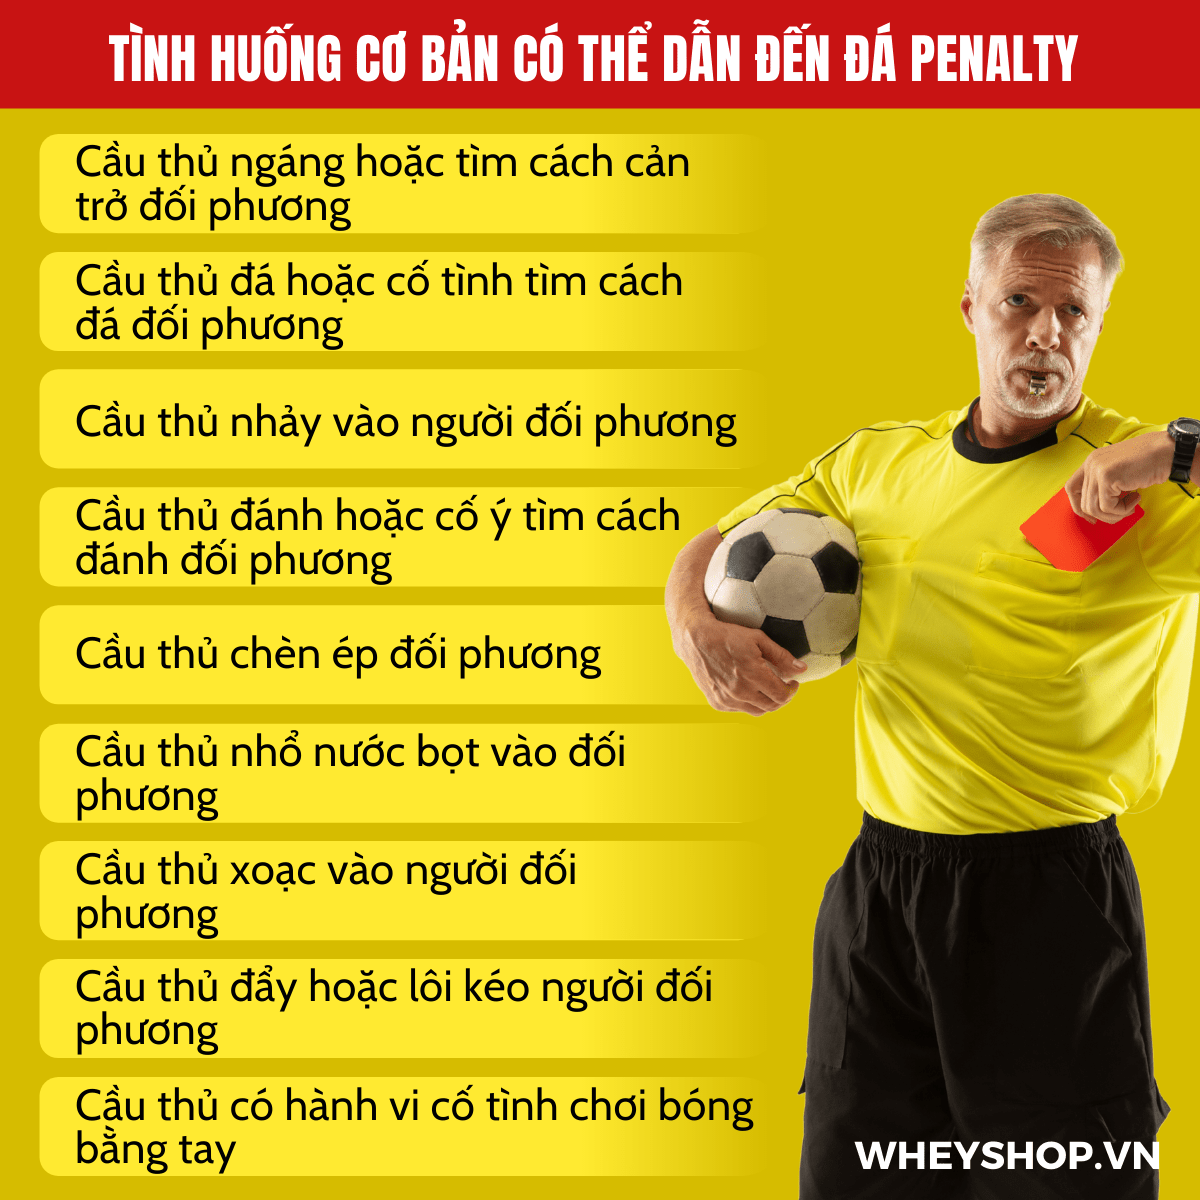 Có thể nói phạt đá Penalty là tình huống ảnh hưởng quan trọng đến kết quả tỉ số chung cuộc nhất. Tại sao lại nói vậy? Xin mời các bạn cùng tìm hiểu về luật...